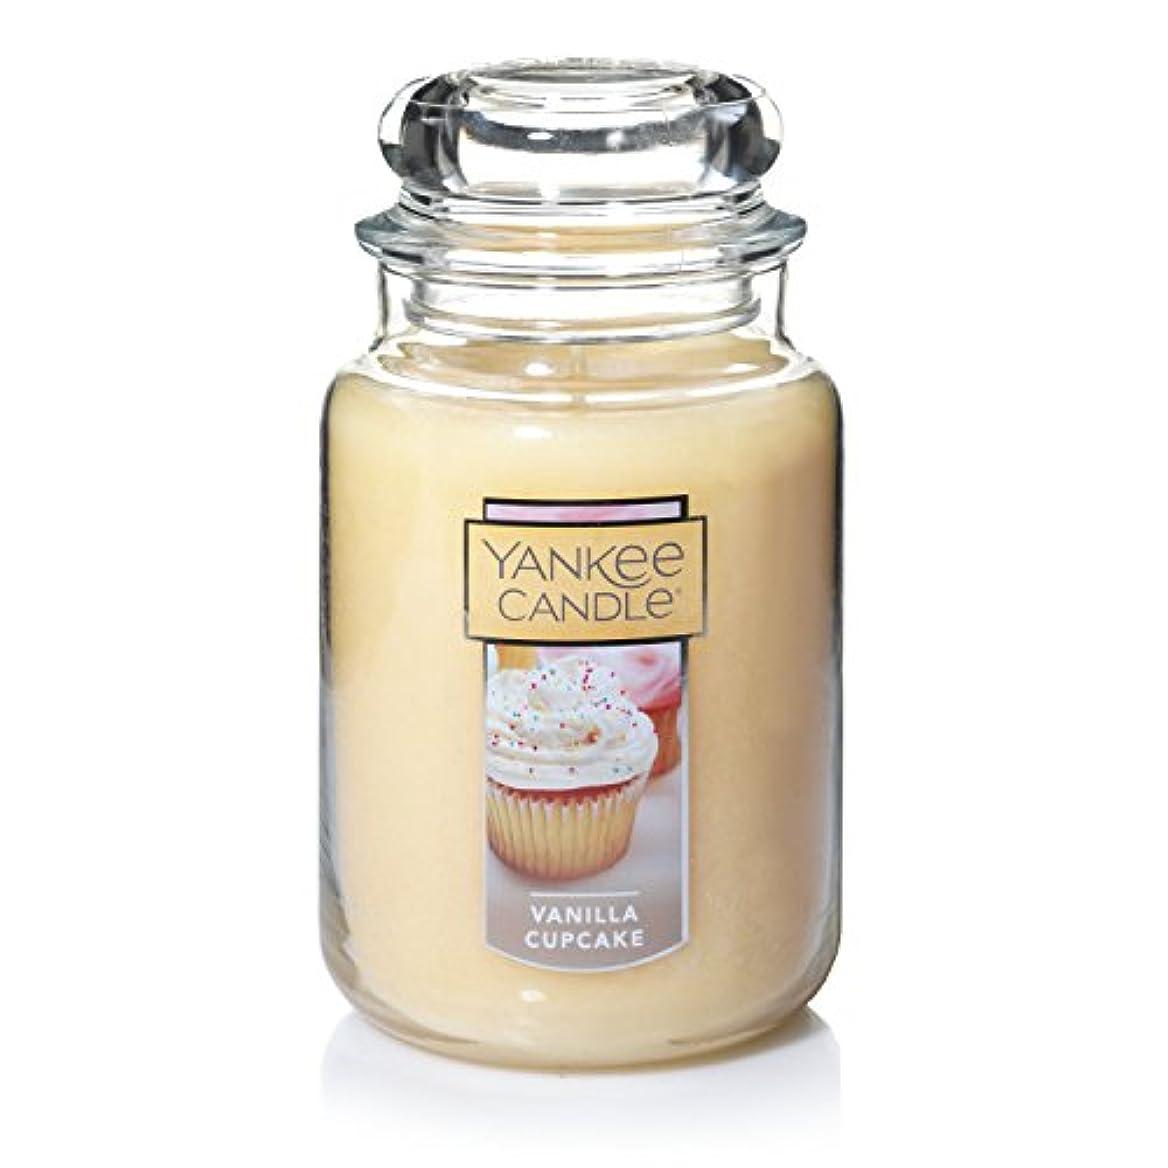 休みベジタリアン世界Yankee Candle Company Vanilla Cupcake Large Jar Candle by Yankee Candle